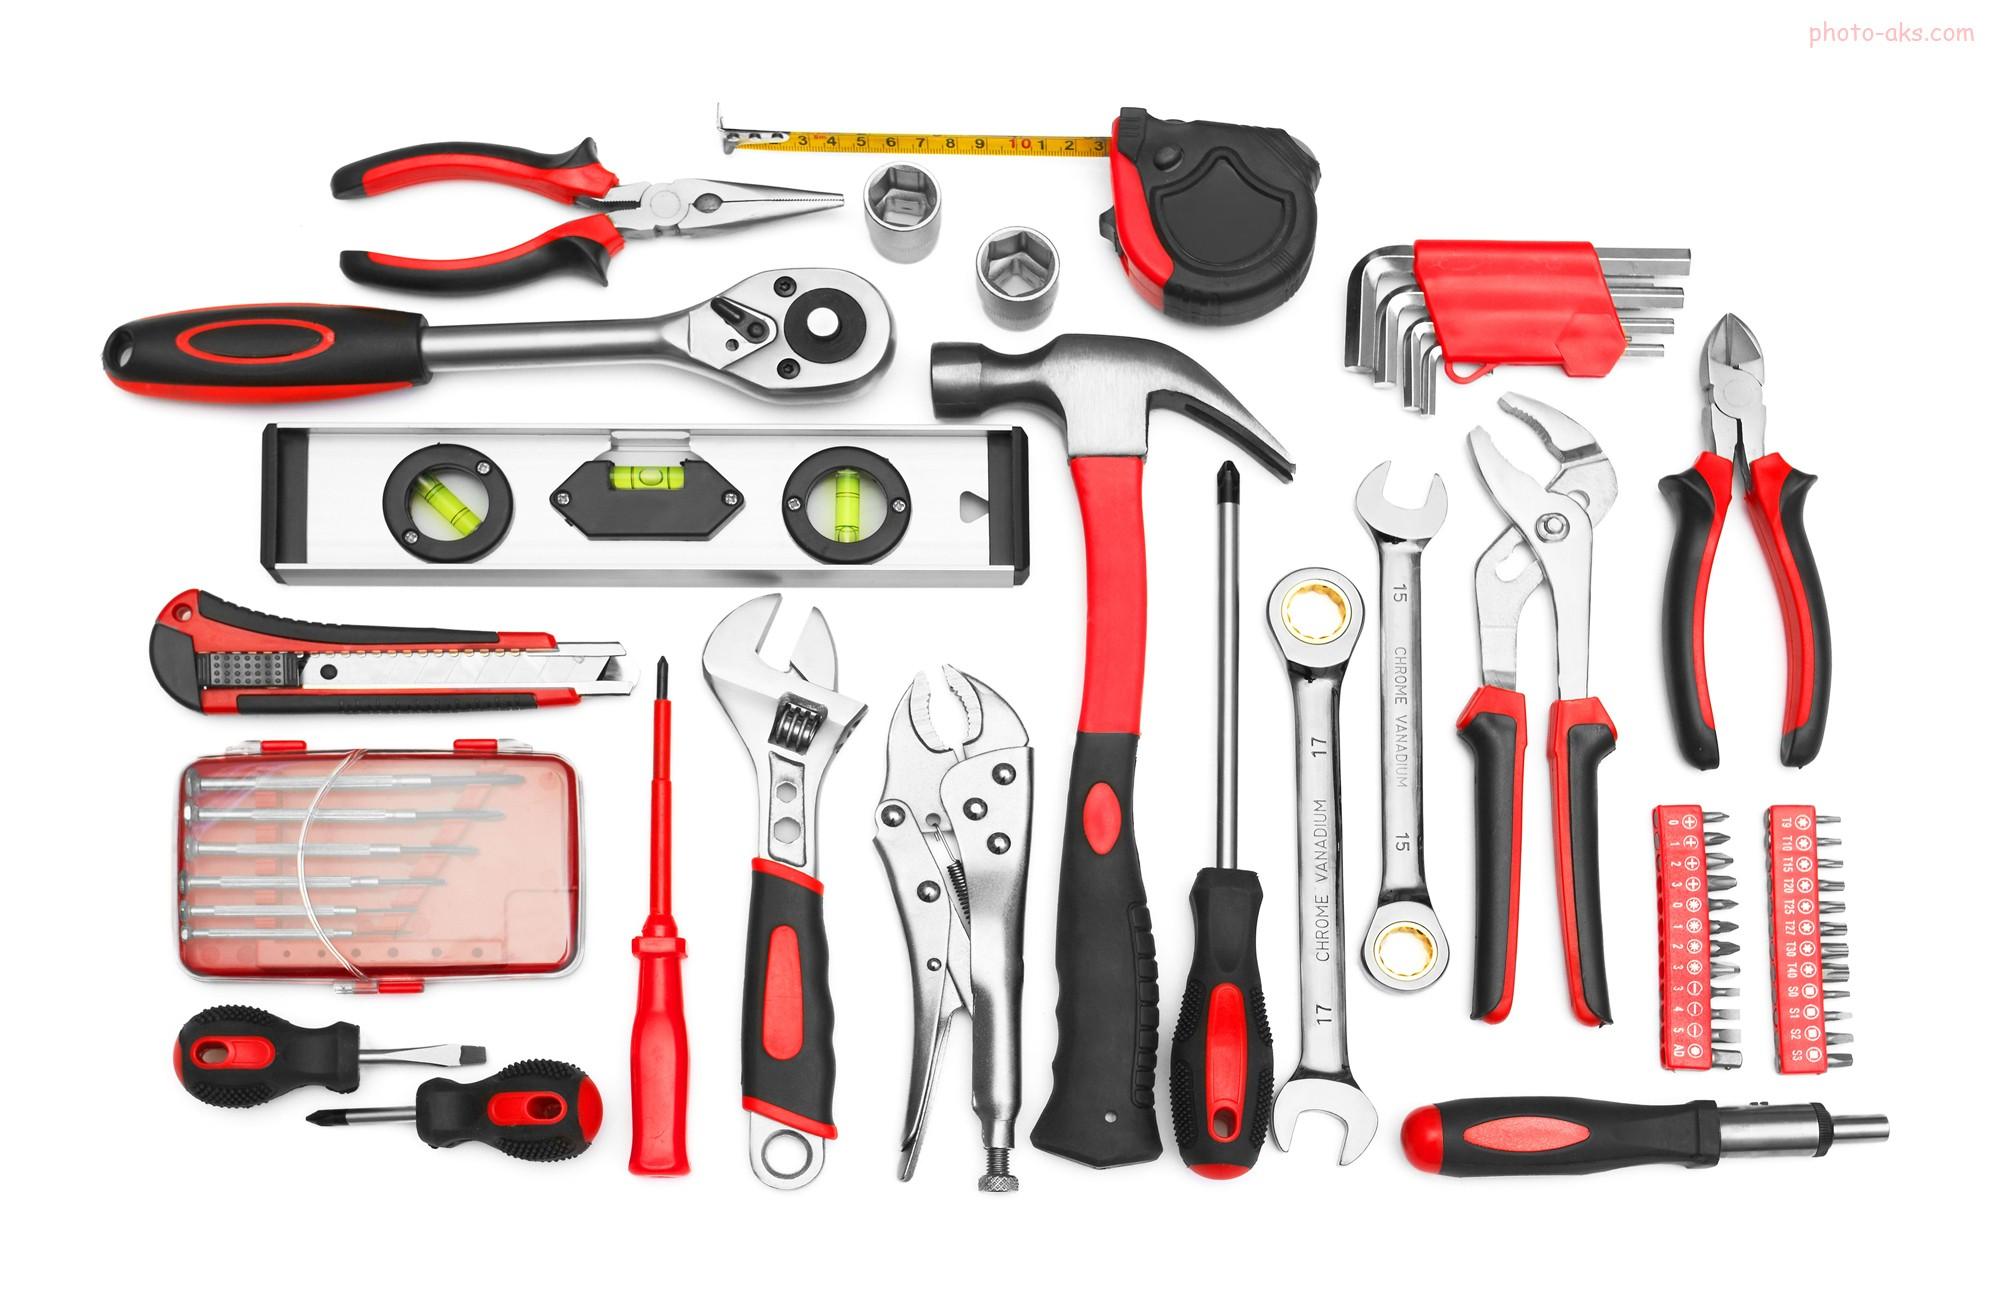 ساخت و ساز بدون وسایل و ابزارهای خاص ممکن نیست.